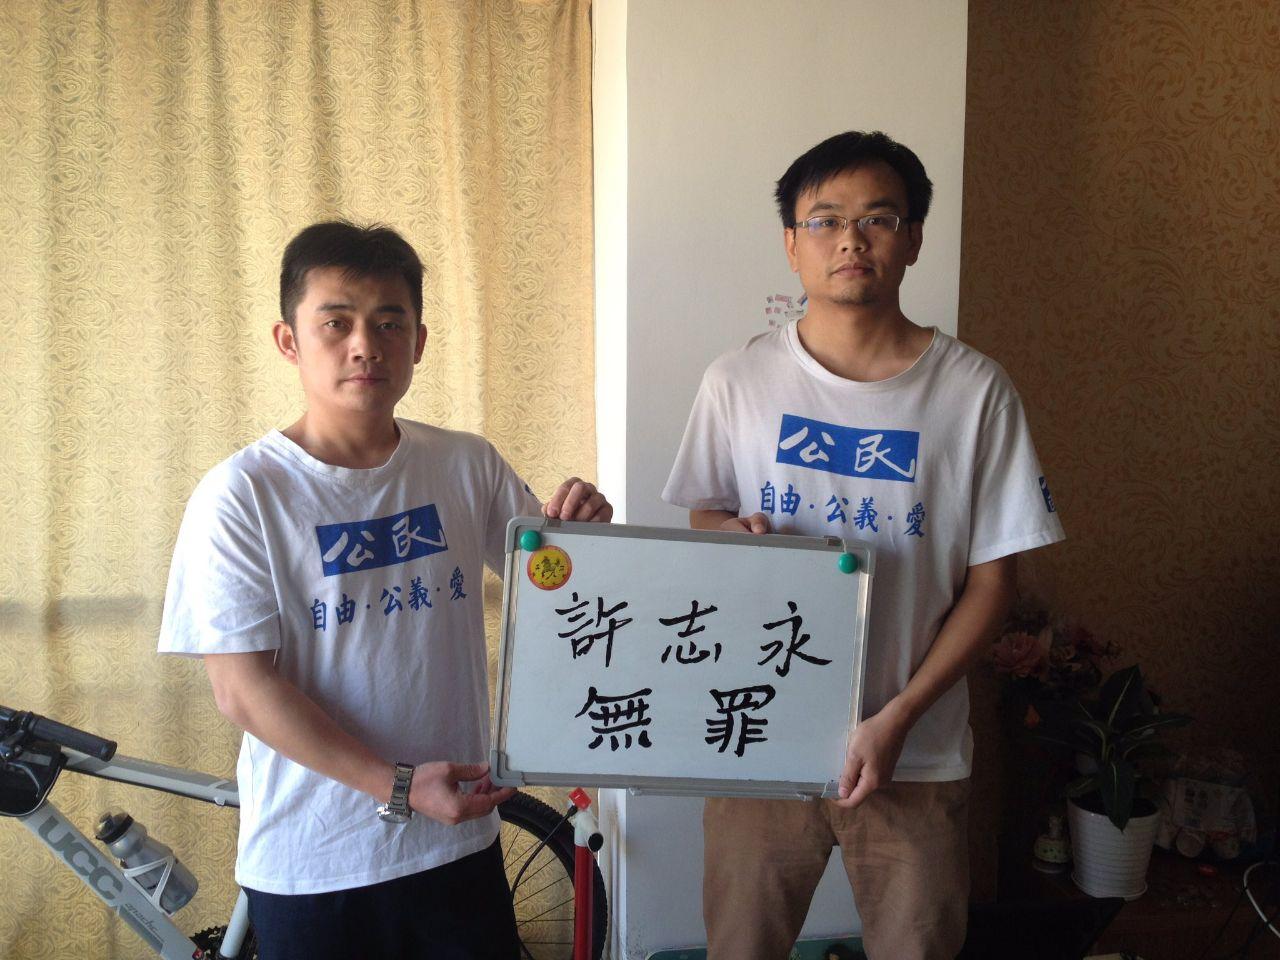 欧彪峰(左)长期关注社会民生,发布人权消息,声援被捕人士。(陈思明独家提供 / 拍摄日期不详)